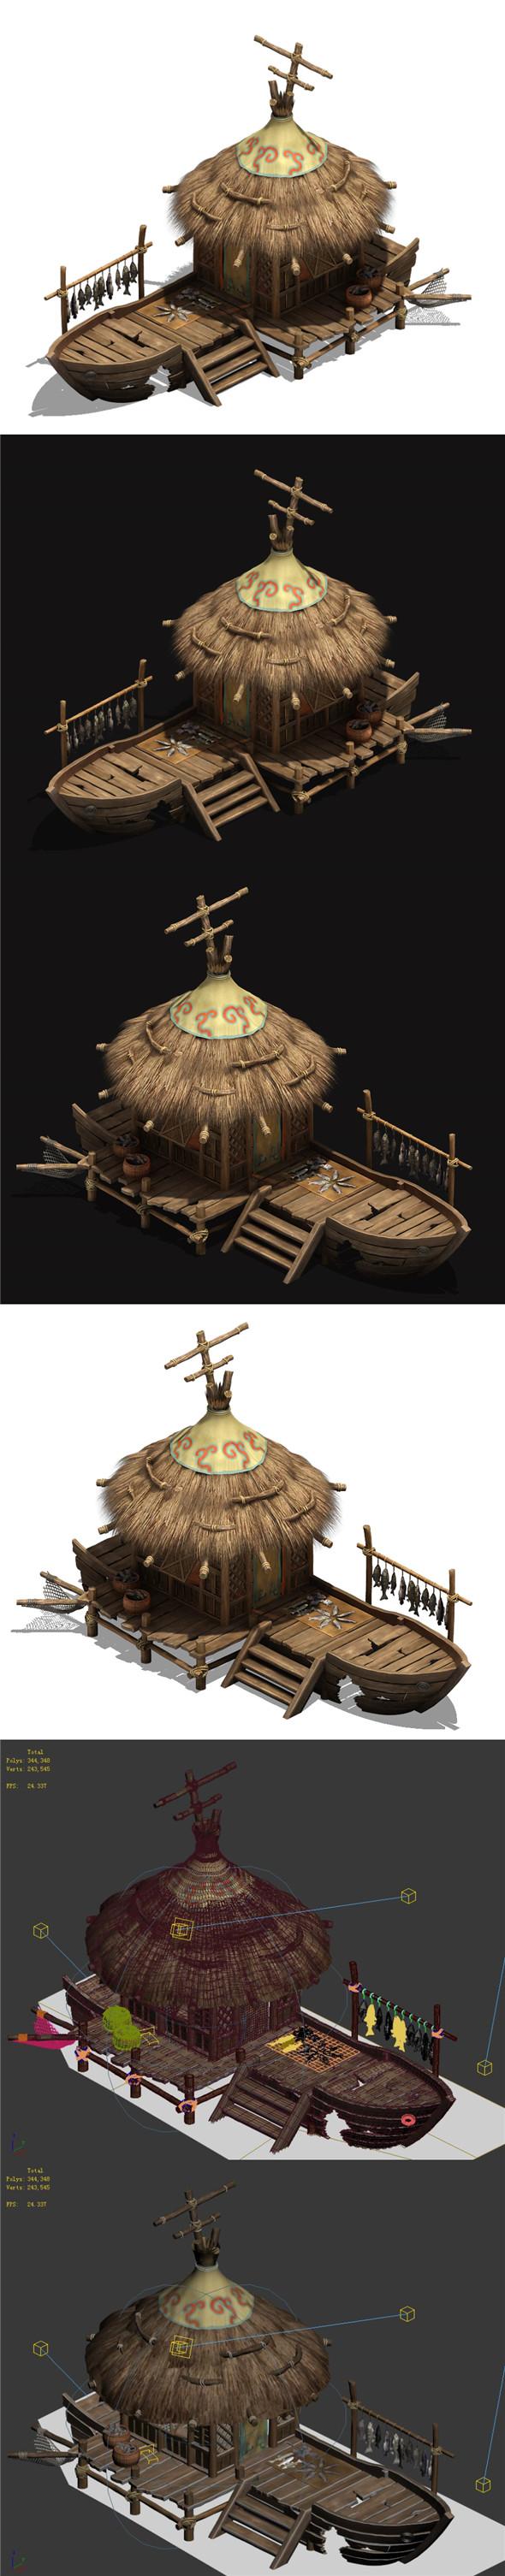 Seaside Village - Fisherman Cottage 02 - 3DOcean Item for Sale